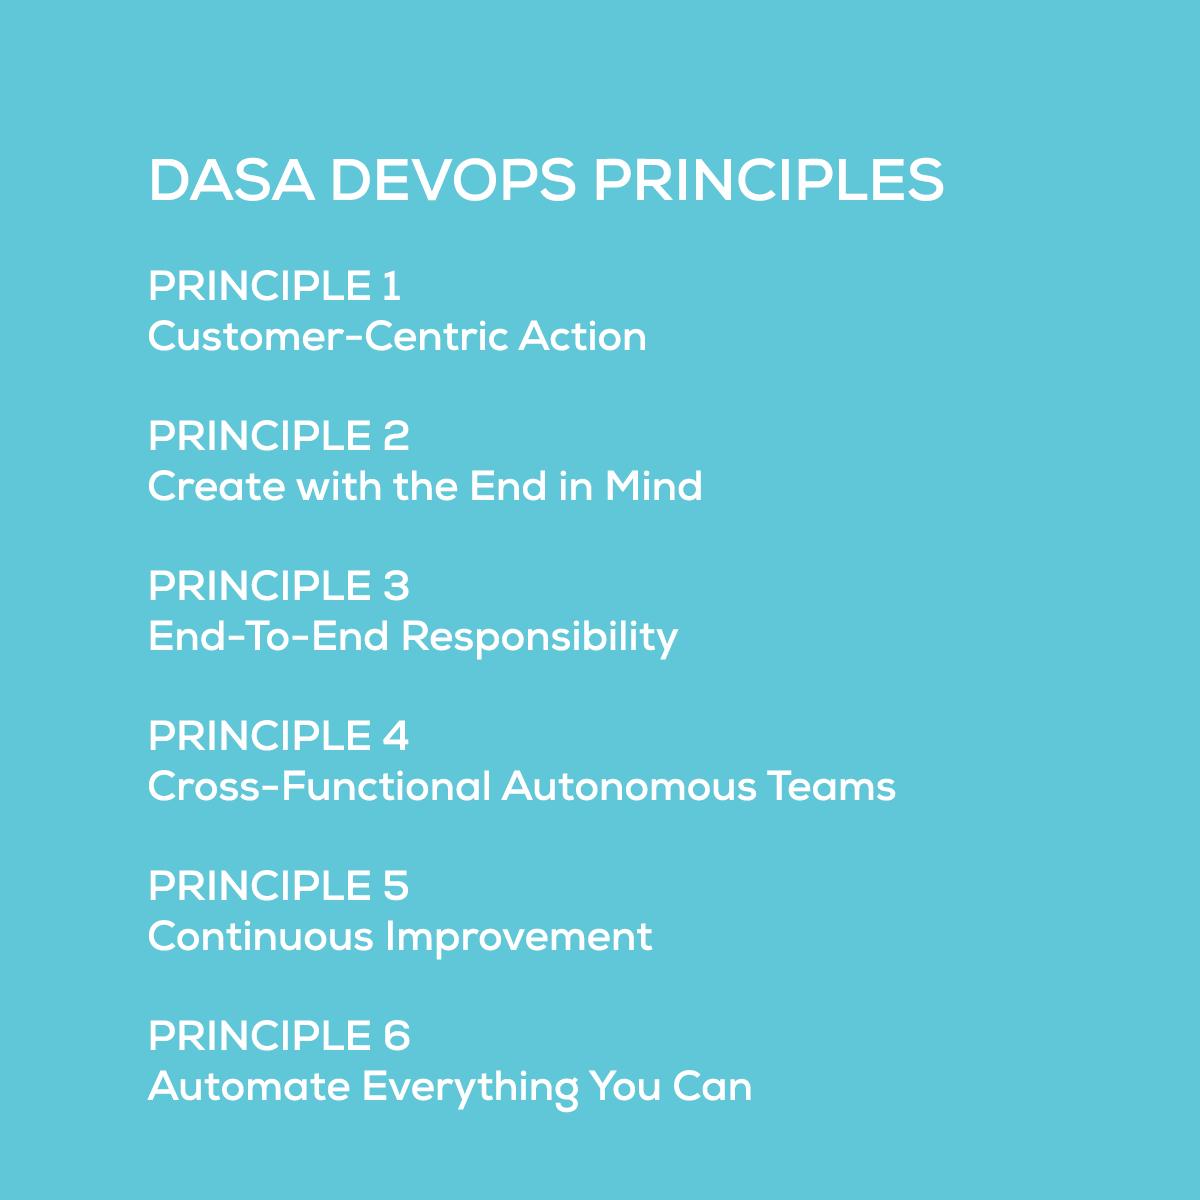 DASA-principles